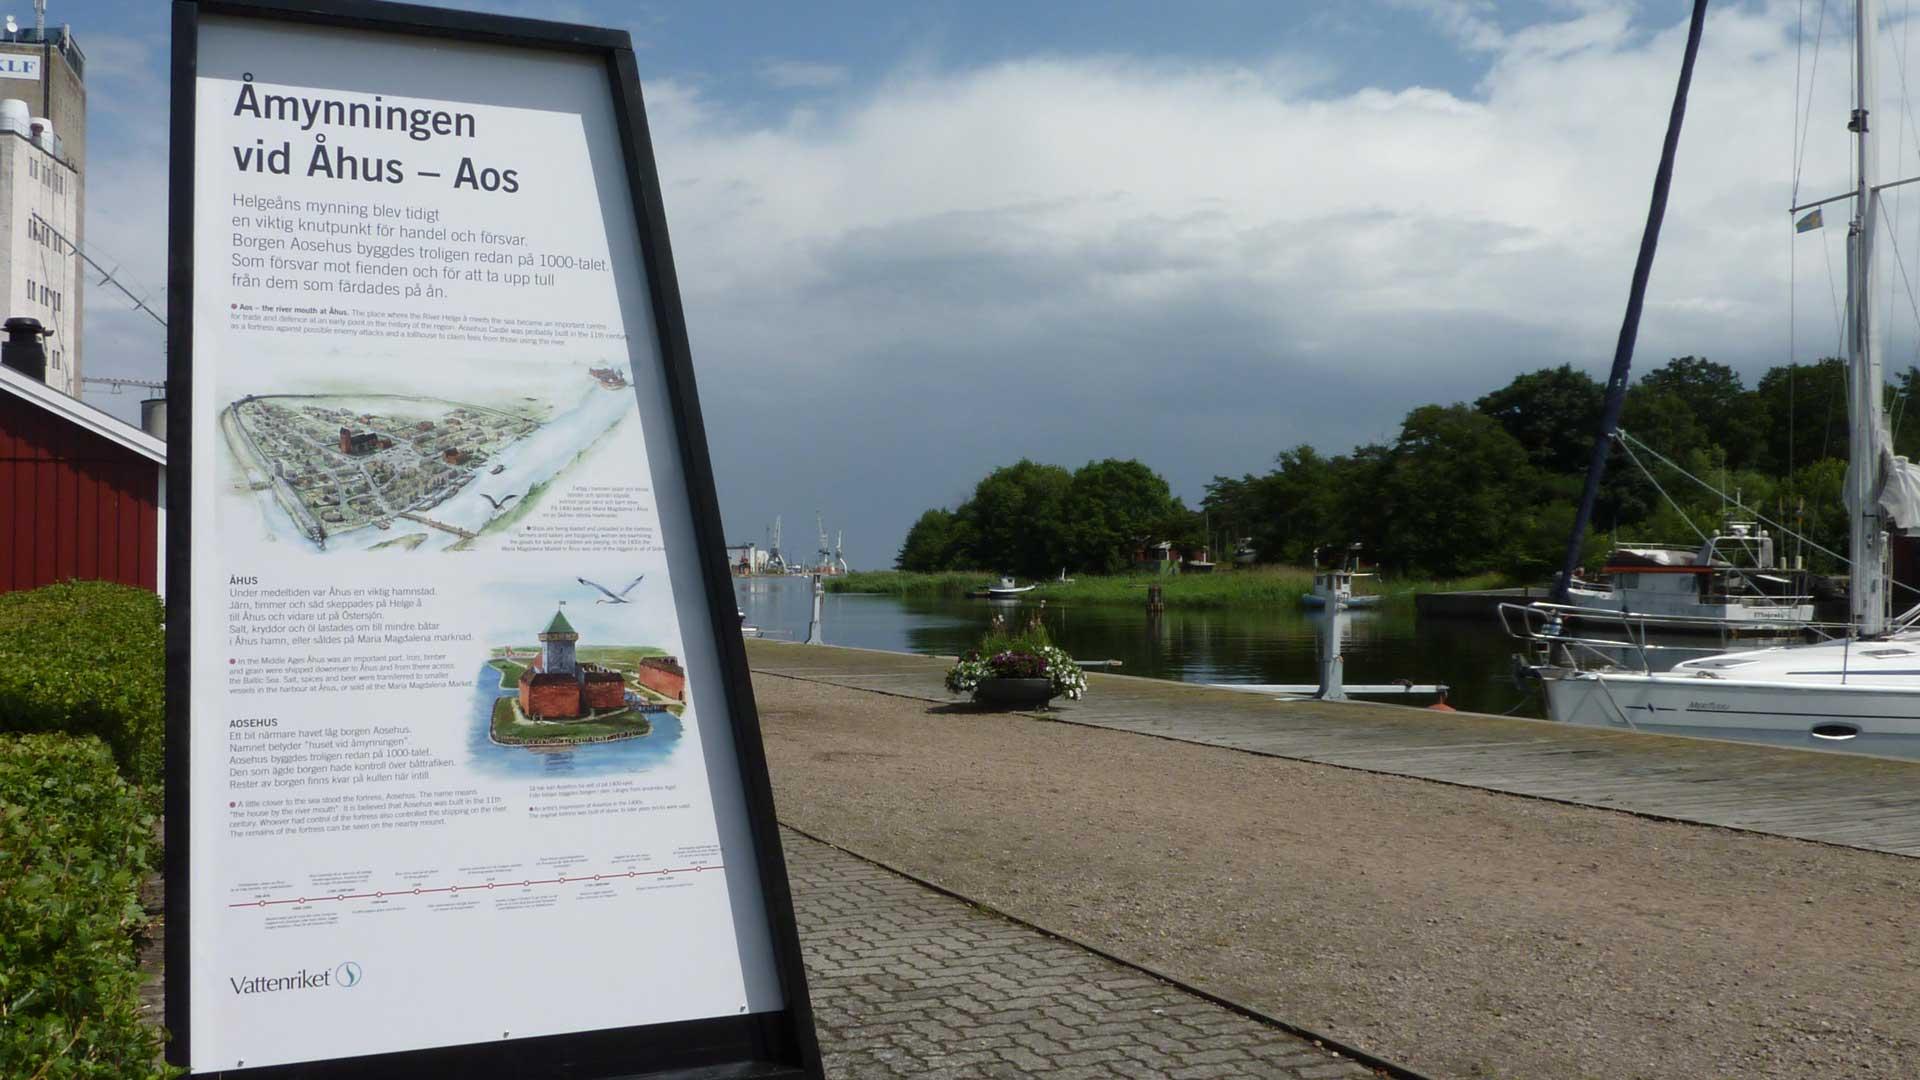 Helgeåns mynning är porten till Vattenriket från havet. Informationesskärmarna berättar om åmynningens betydelse genom tiderna. Foto: Åsa Pearce